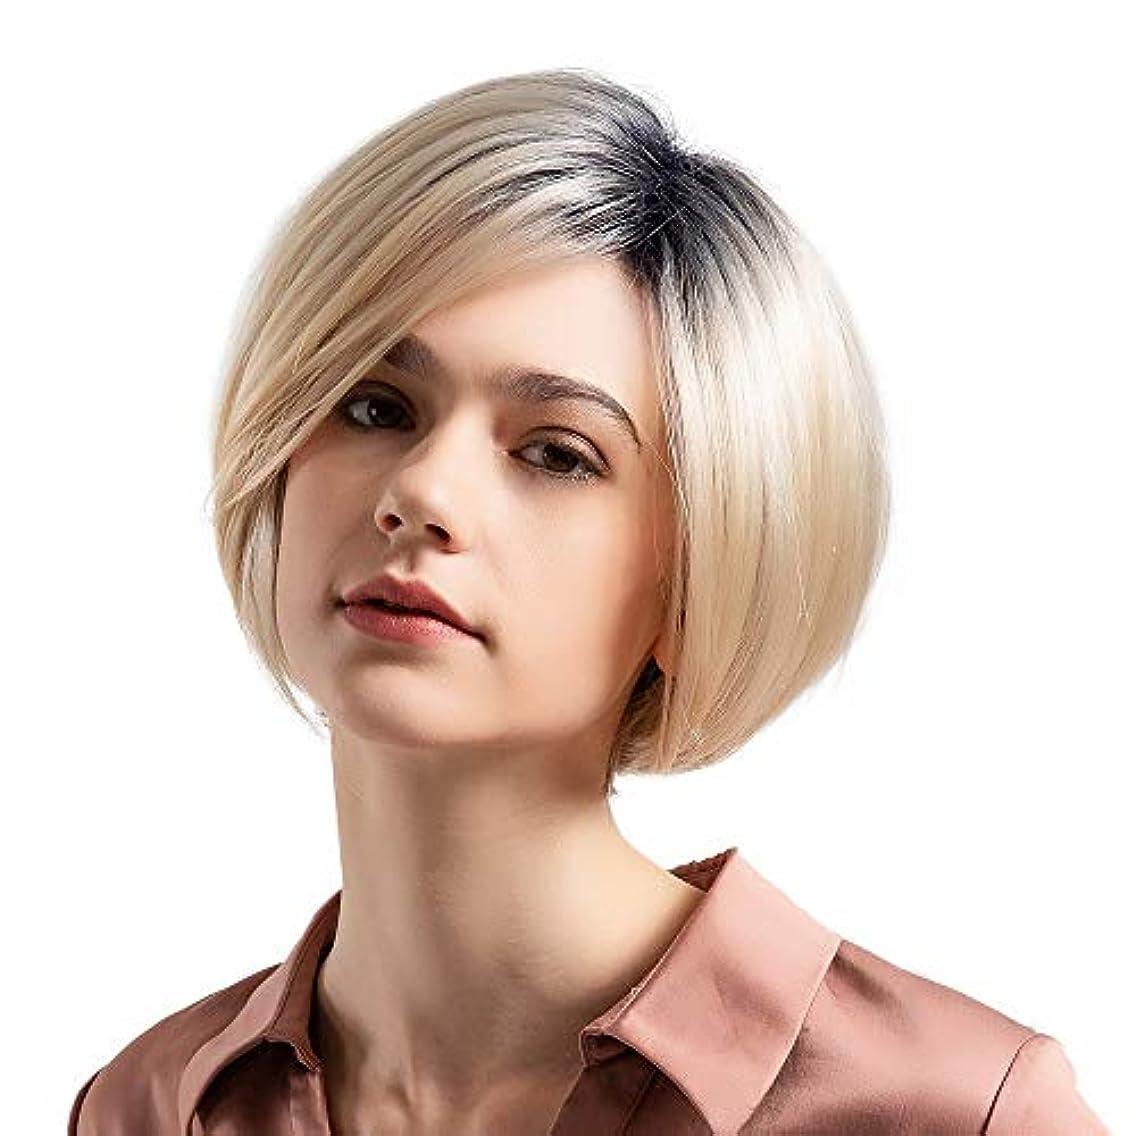 スロープうそつきエリートウィッグショートボブストレートヘア50%リアルヘアウィッグ女性のファッショングラデーションウィッグ